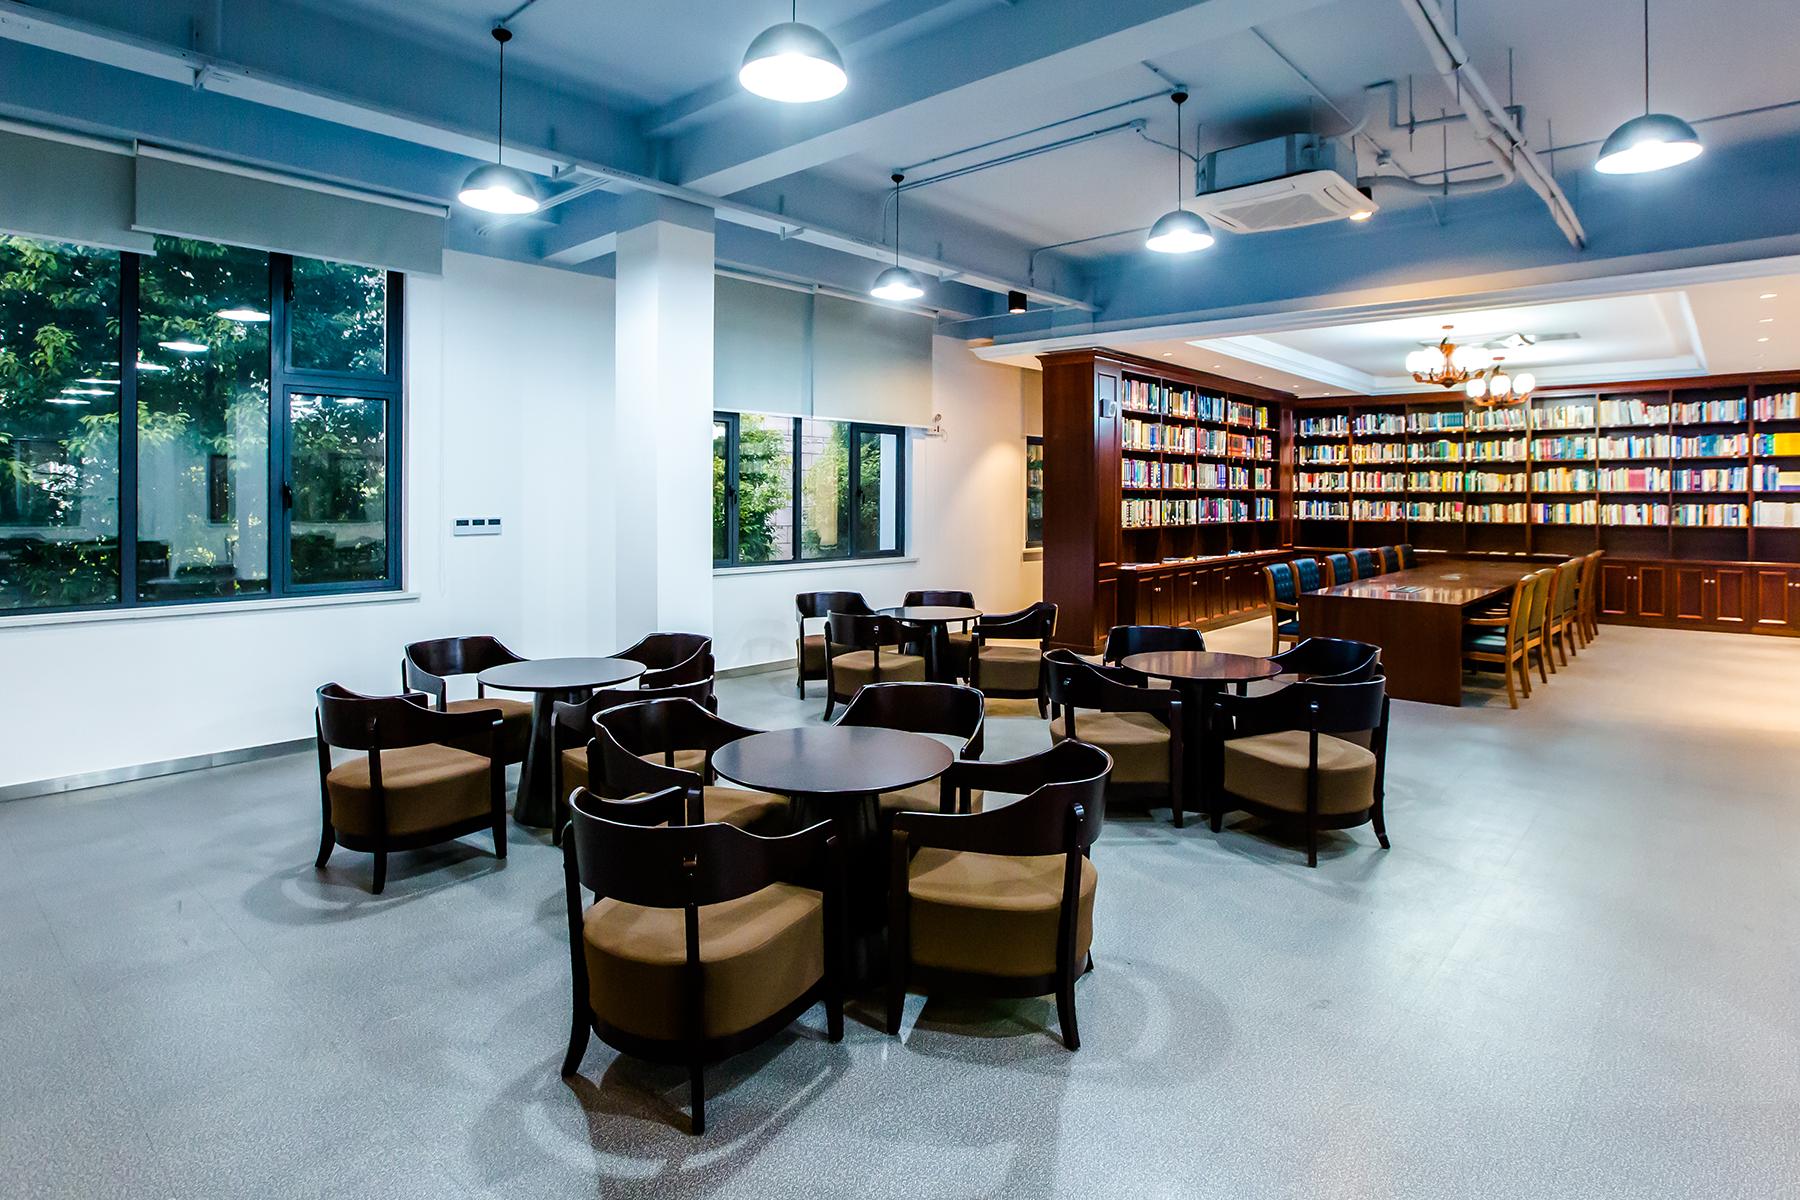 上海财经大学图书馆9